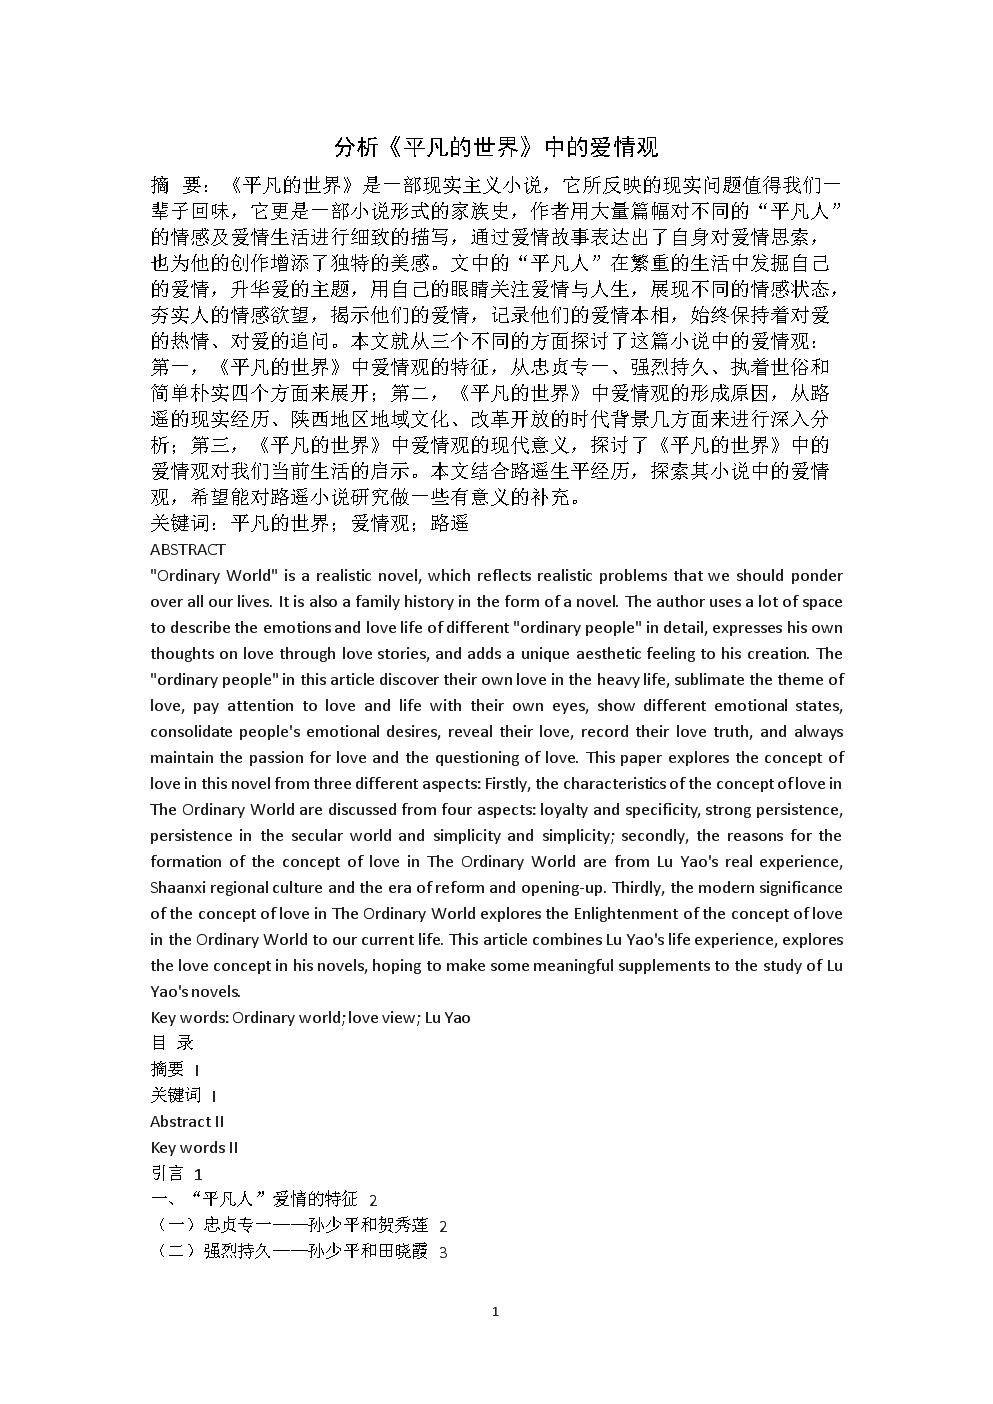 分析平凡的世界中的愛情觀.docx